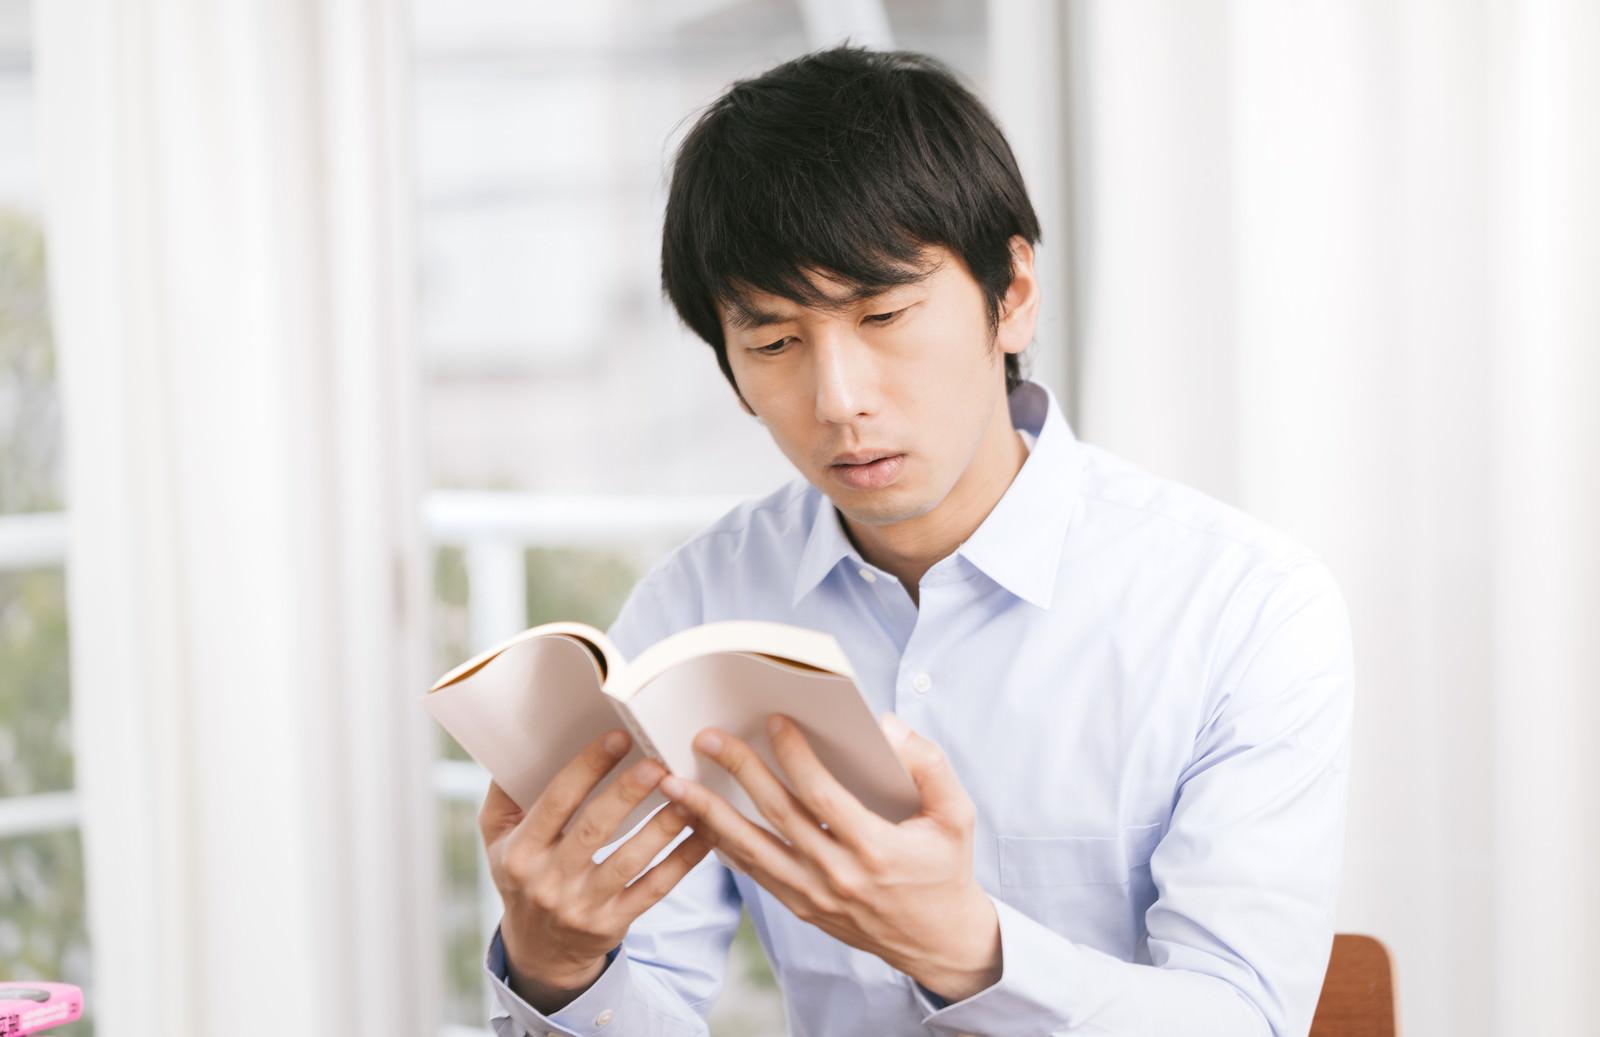 「あれ?このページ昨日も読んだなあれ?このページ昨日も読んだな」[モデル:大川竜弥]のフリー写真素材を拡大